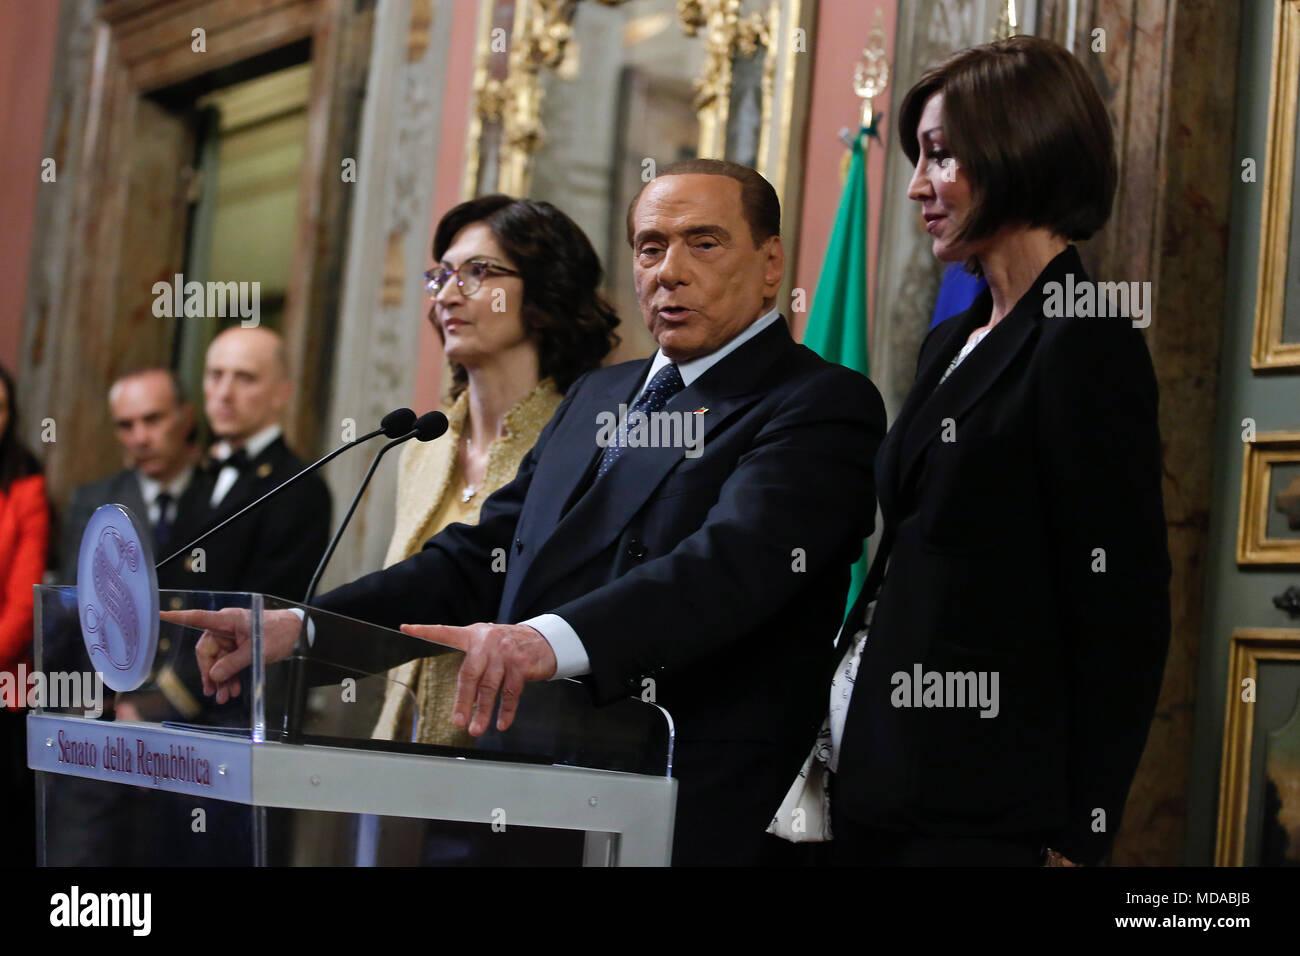 Mariastella gelmini silvio berlusconi e annamaria bernini for Senato repubblica